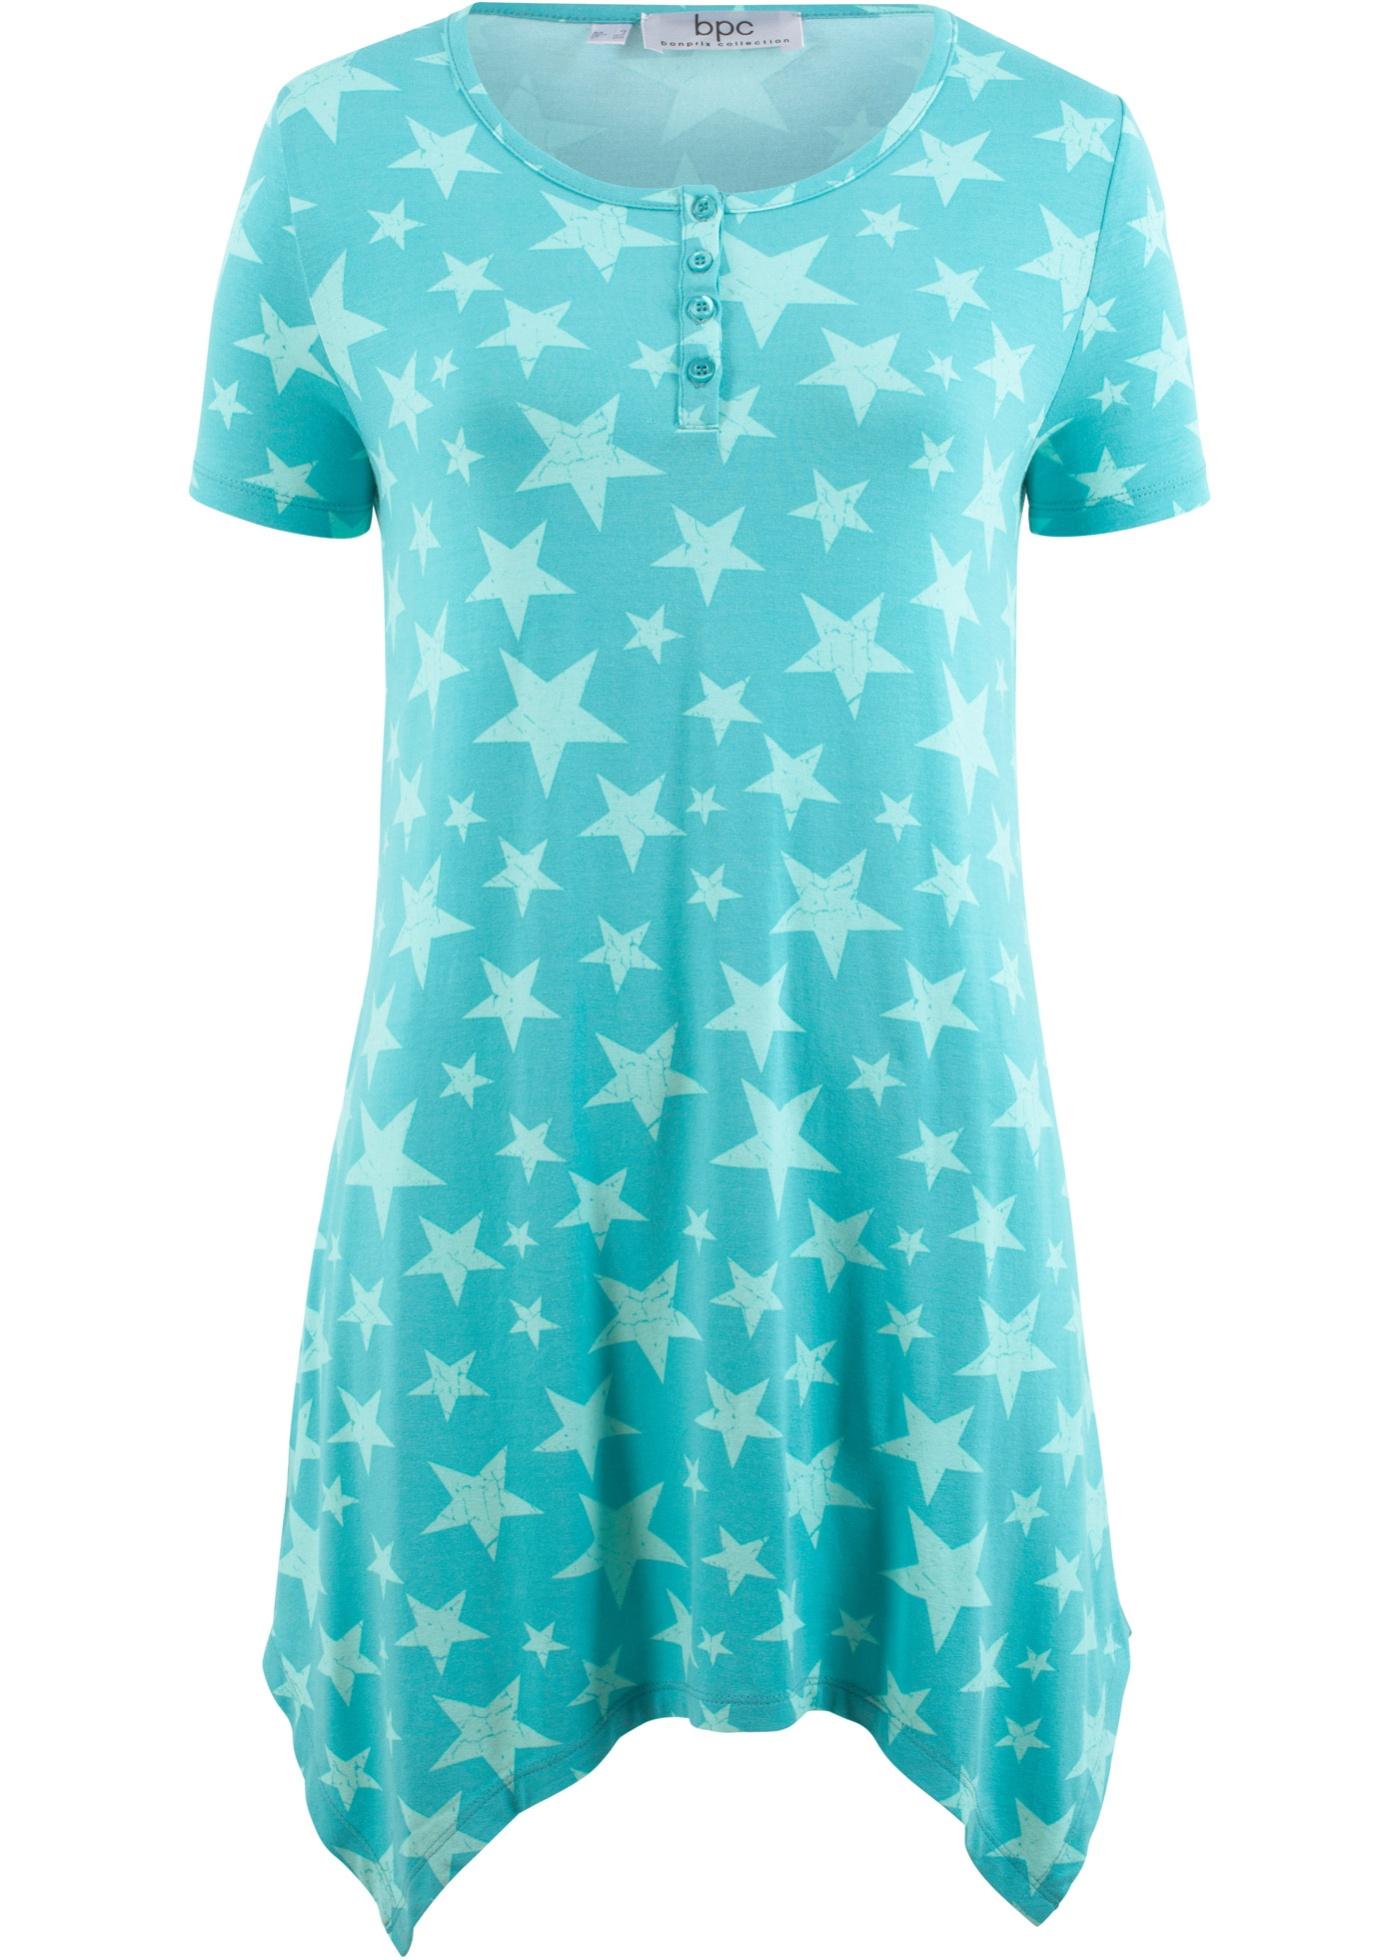 Zipfel-Shirt mit kurzen Ärmeln